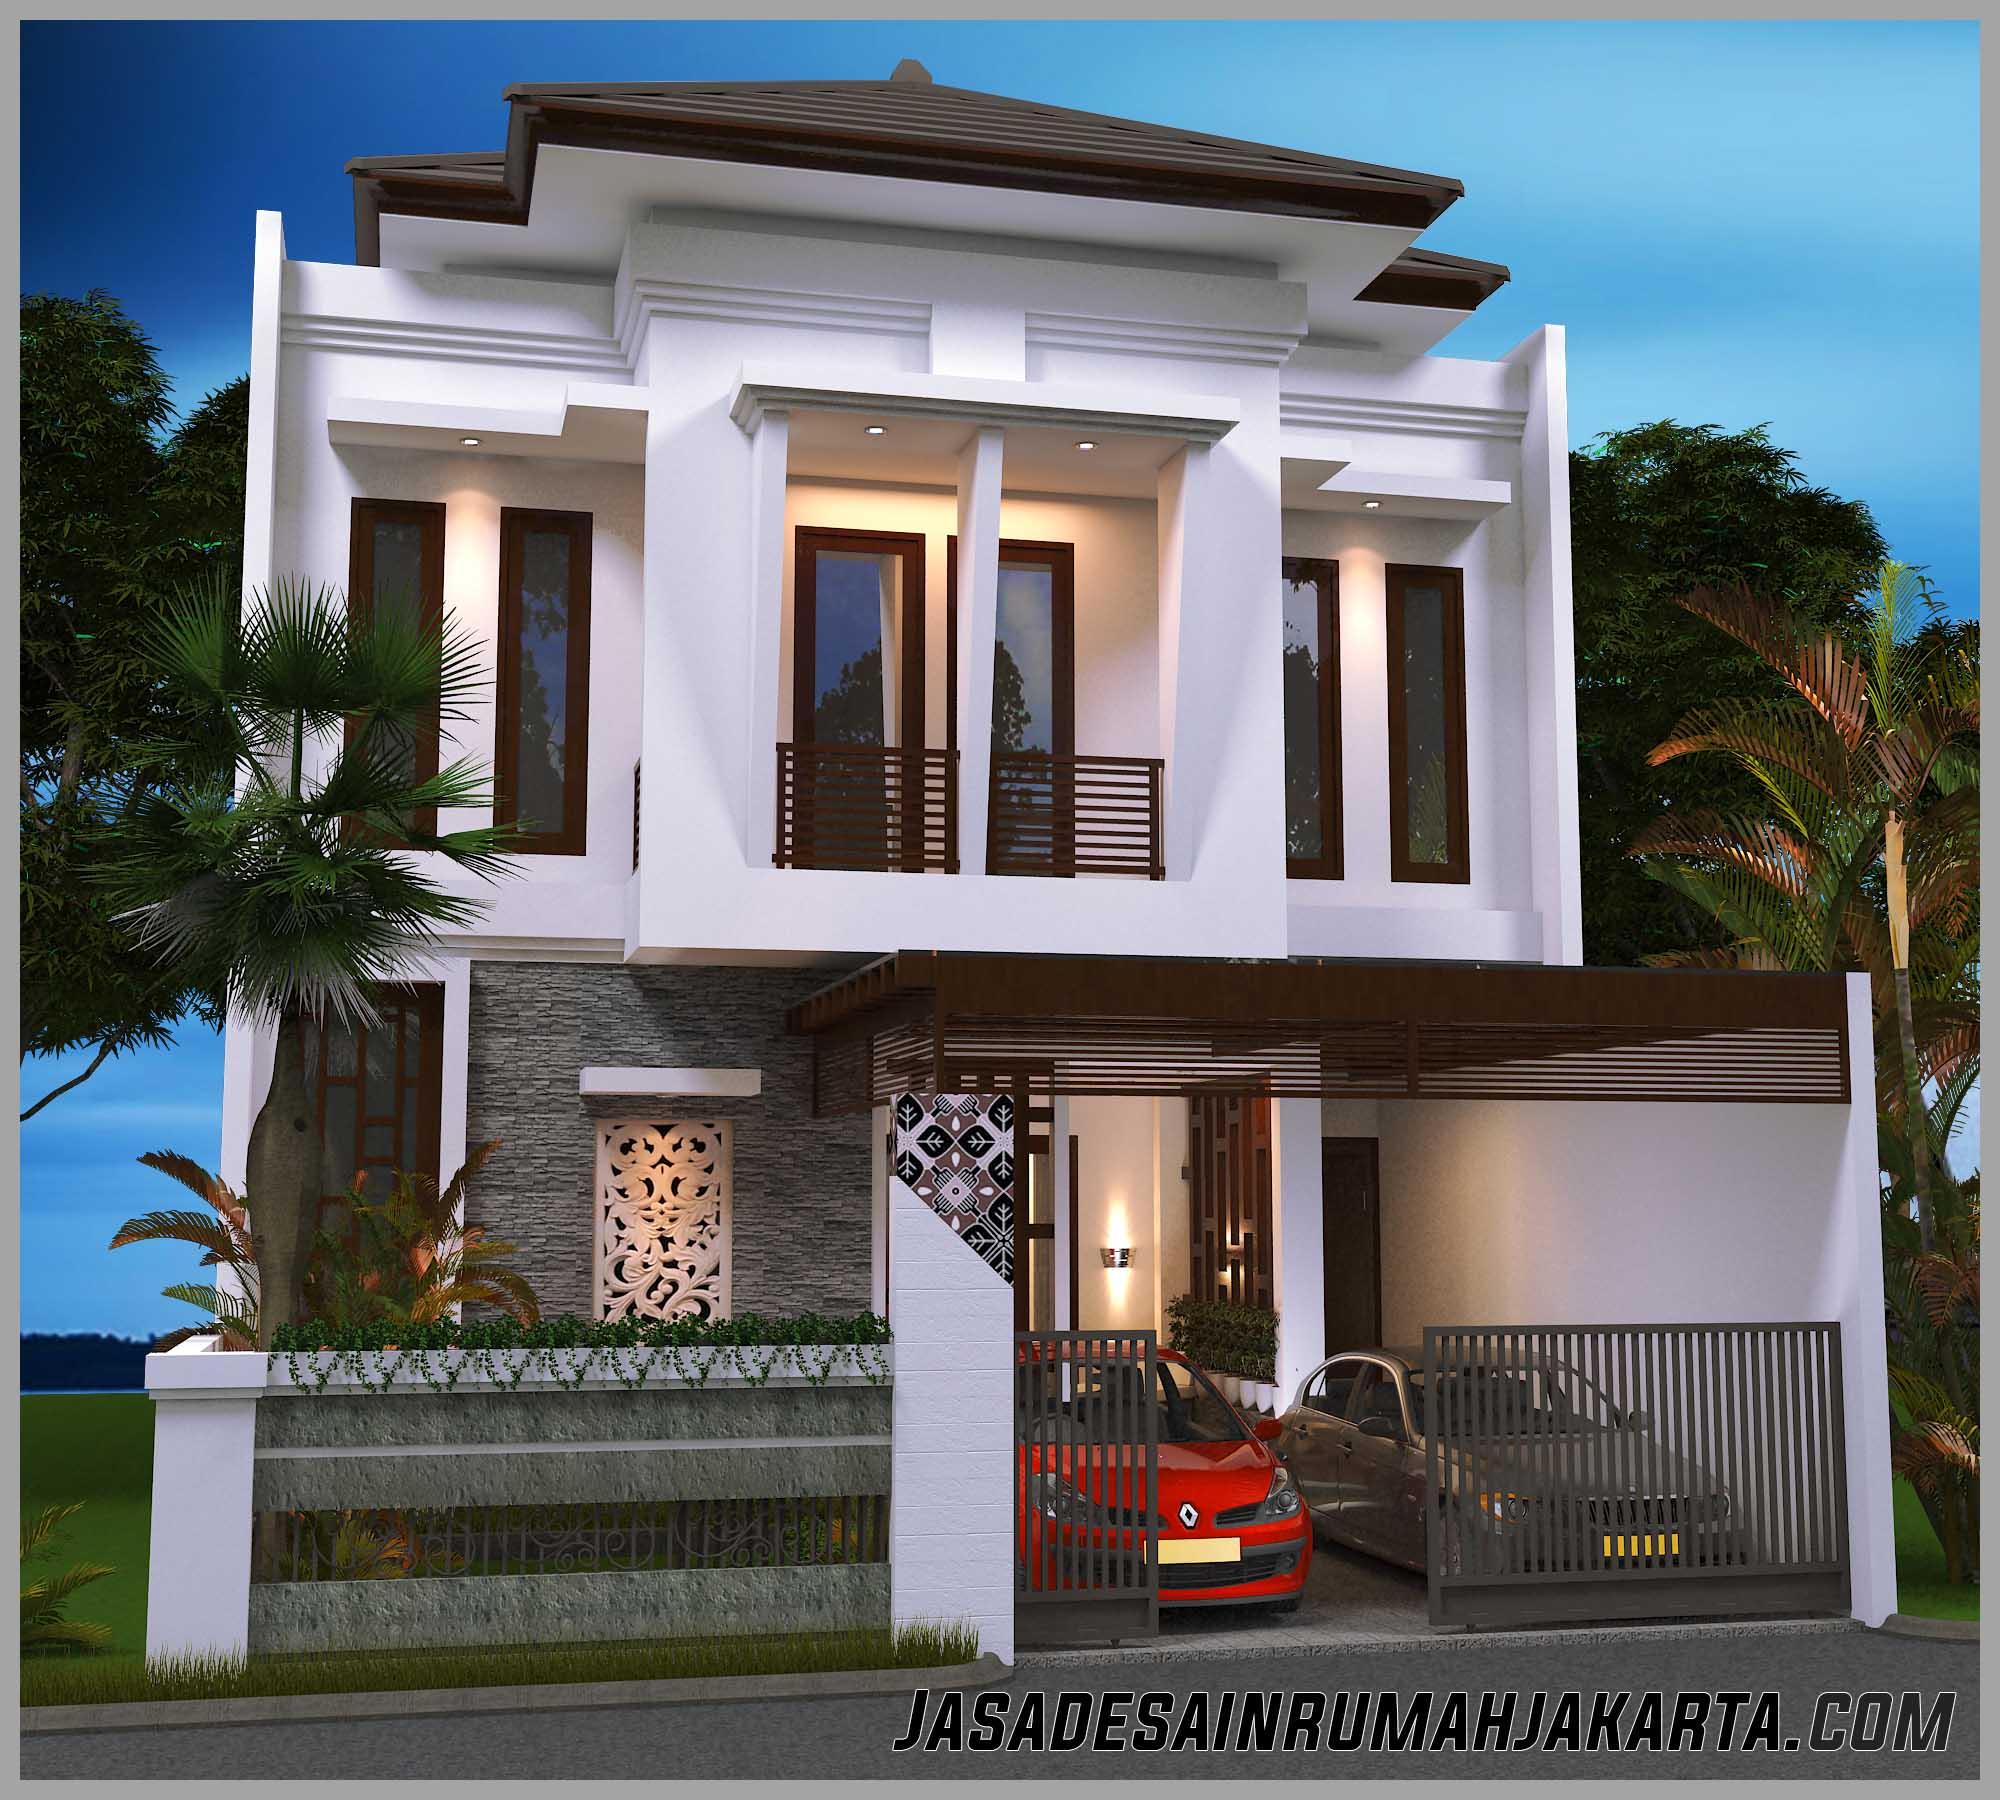 Jasa Desain Rumah Mewah: Gambar Rumah Berkonsep Bali Architect, Jasa Desain Rumah